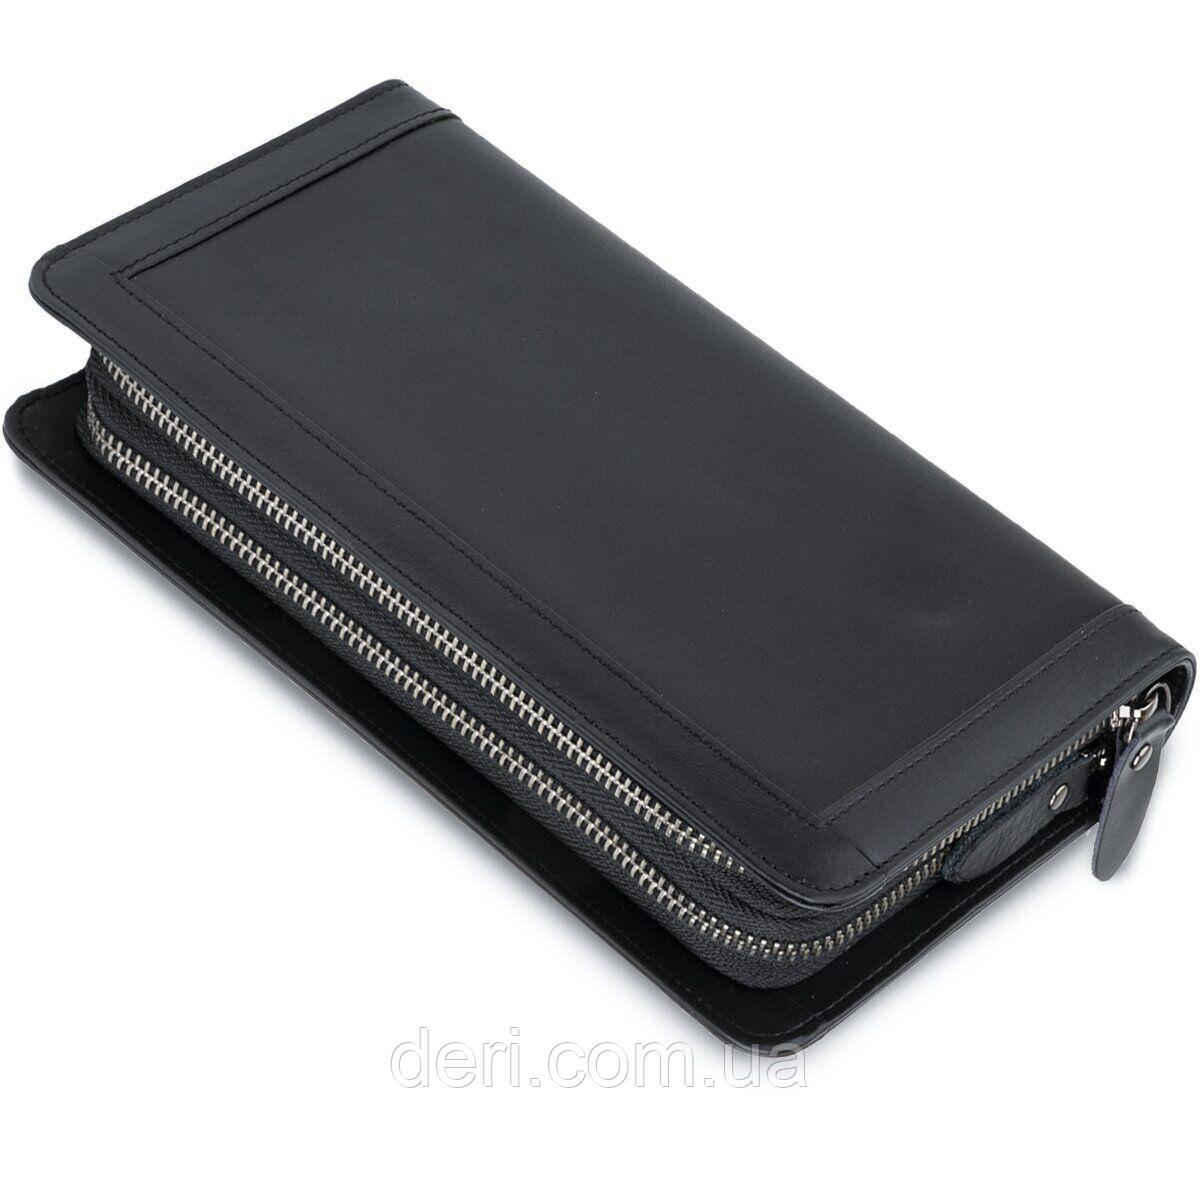 Мужской клатч-барсетка с ремешком на руку Vintage 14657 Черный, Черный